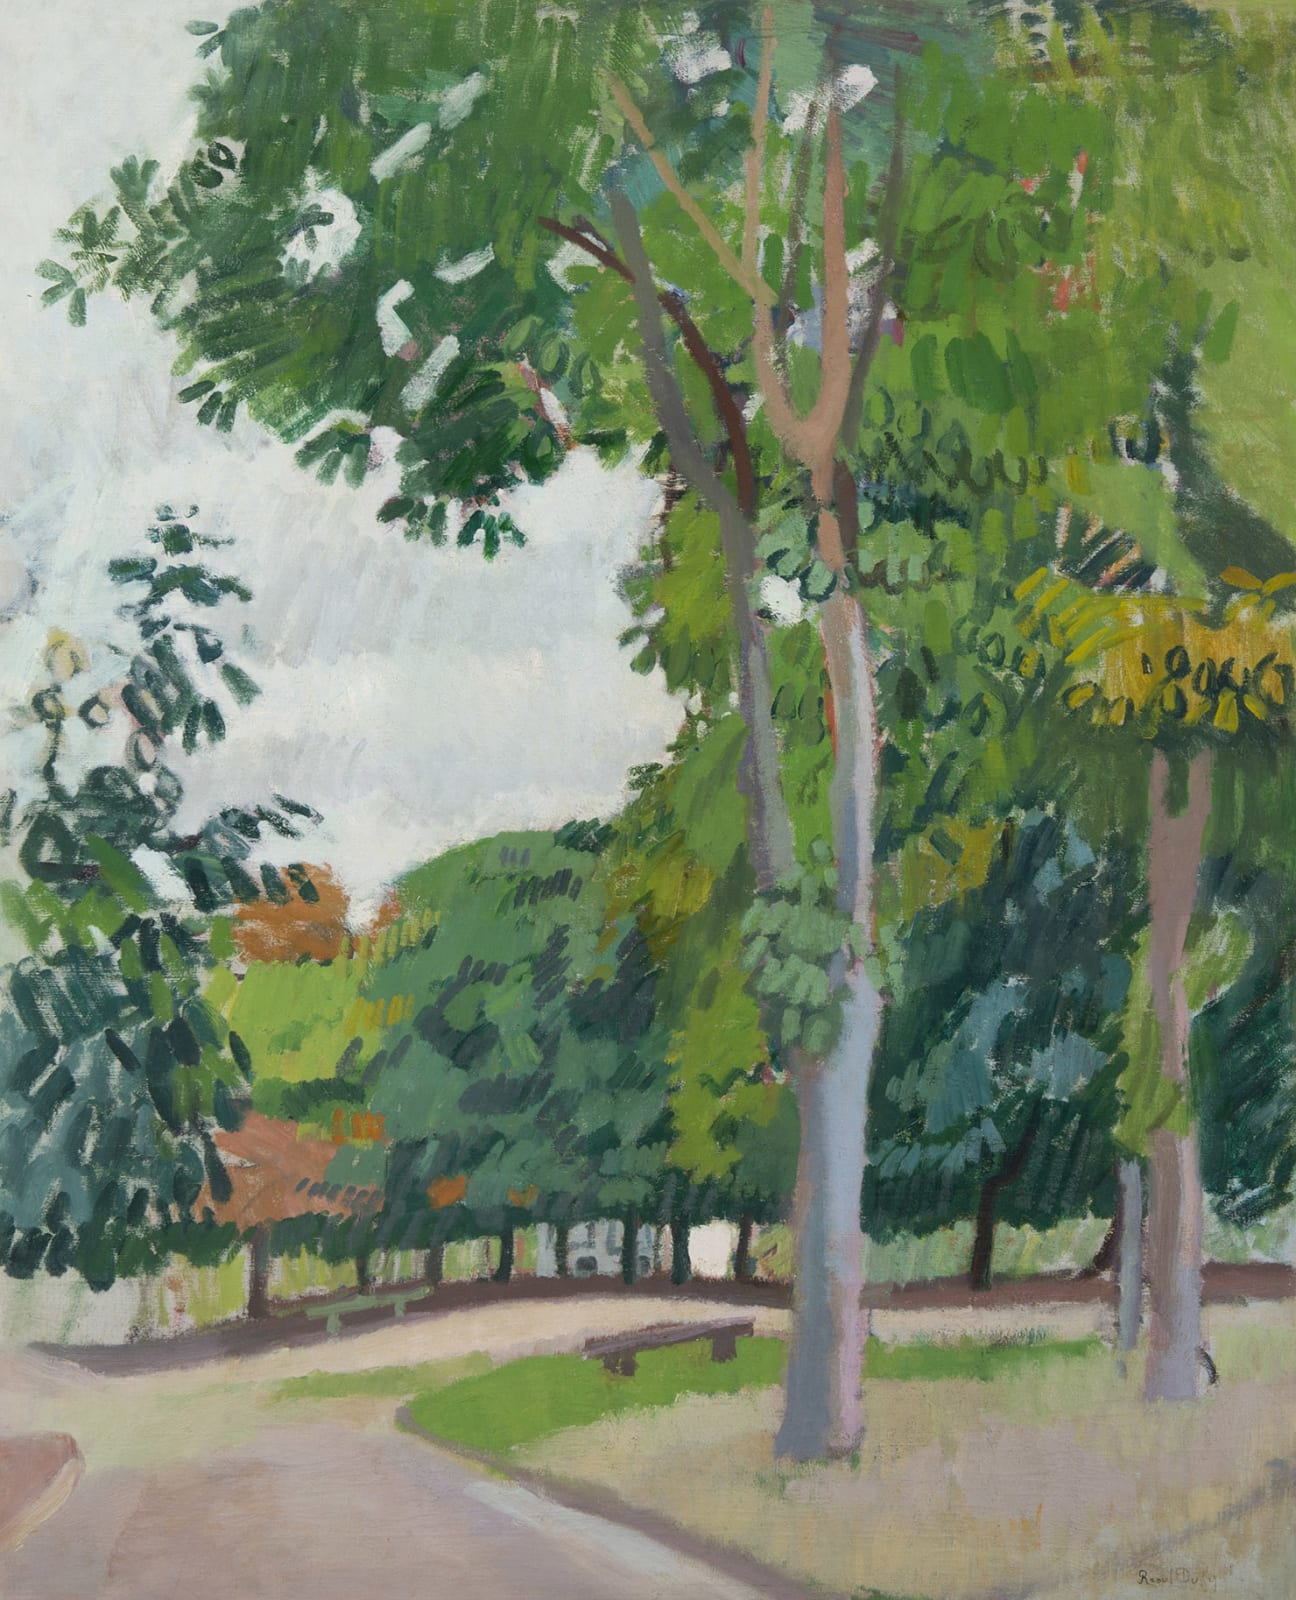 RAOUL DUFY, Le Parc, 1902